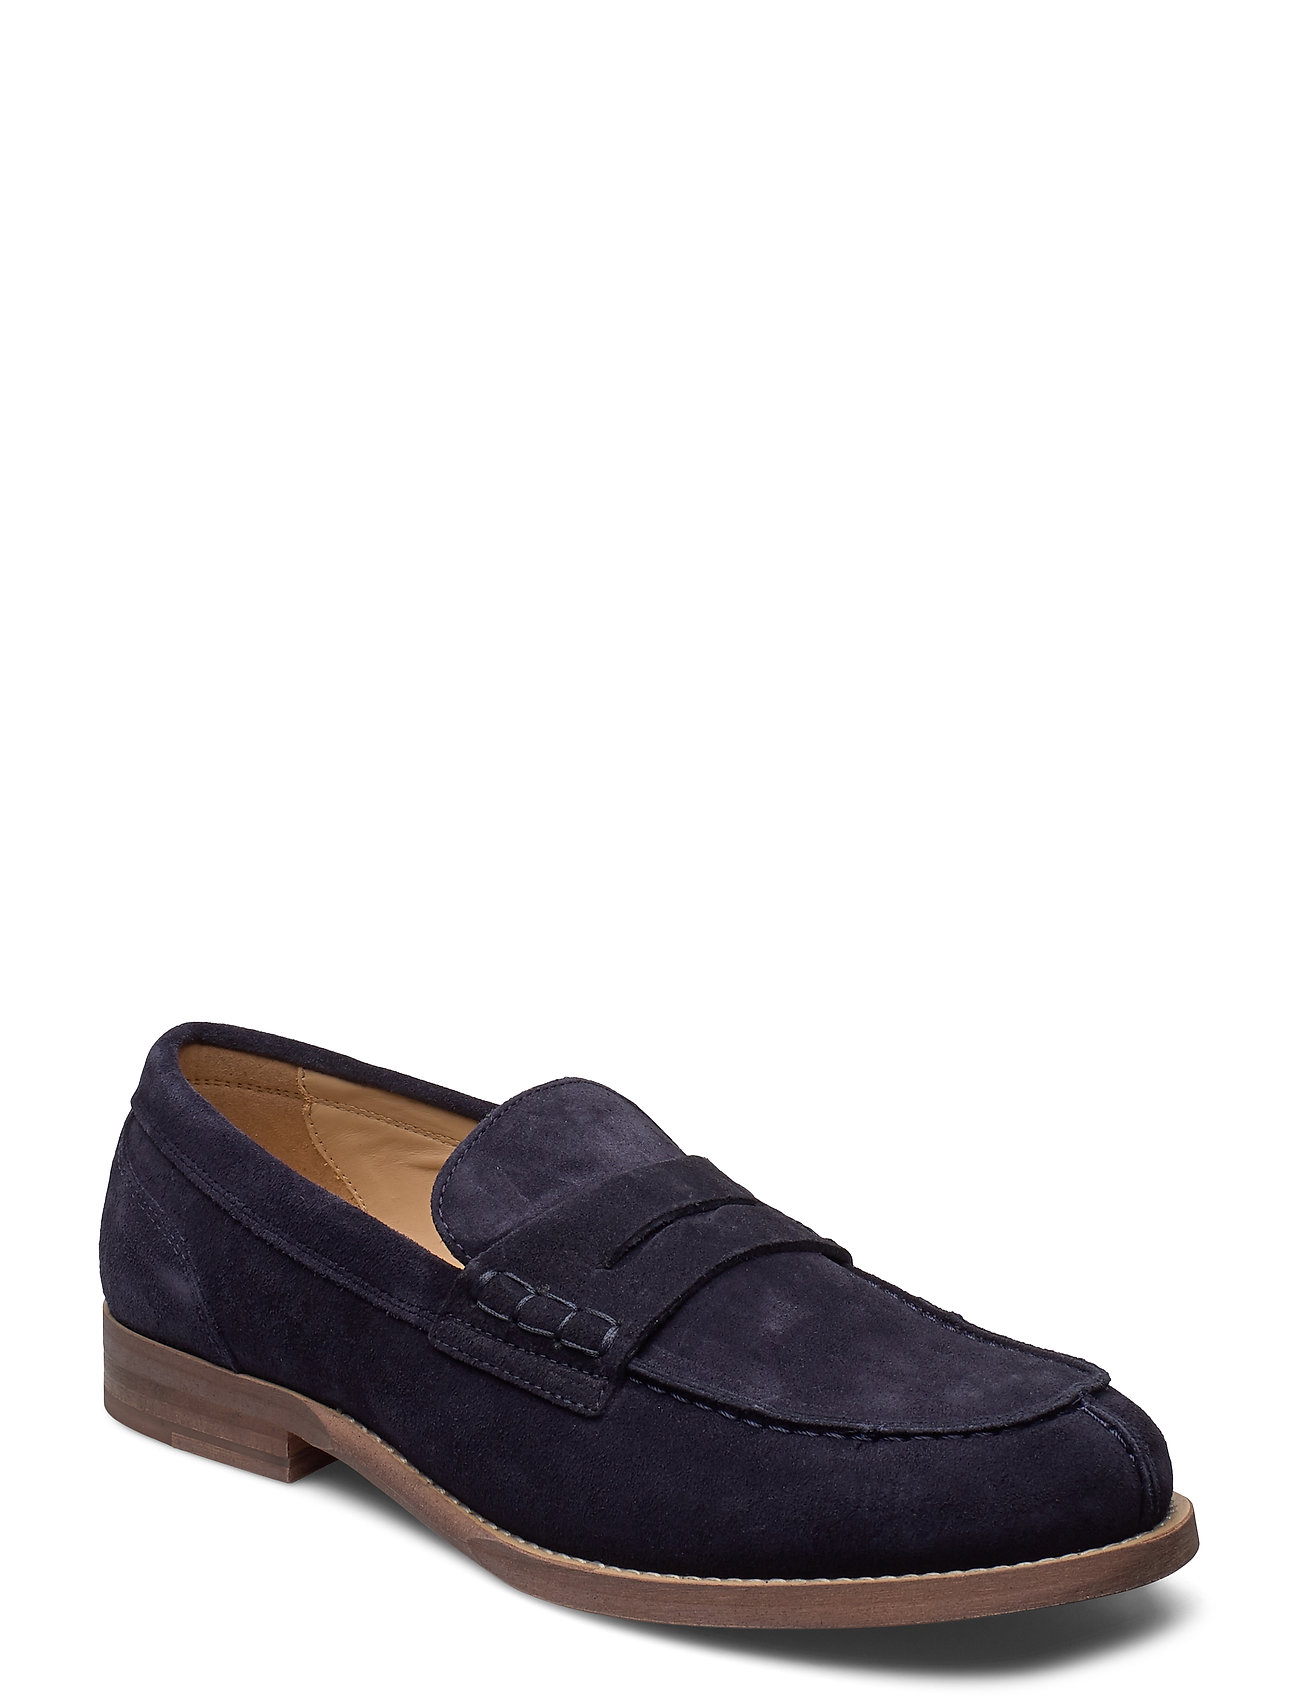 Image of Hilfiger Suede Loafer Loafers Flade Sko Blå Tommy Hilfiger (3429250185)